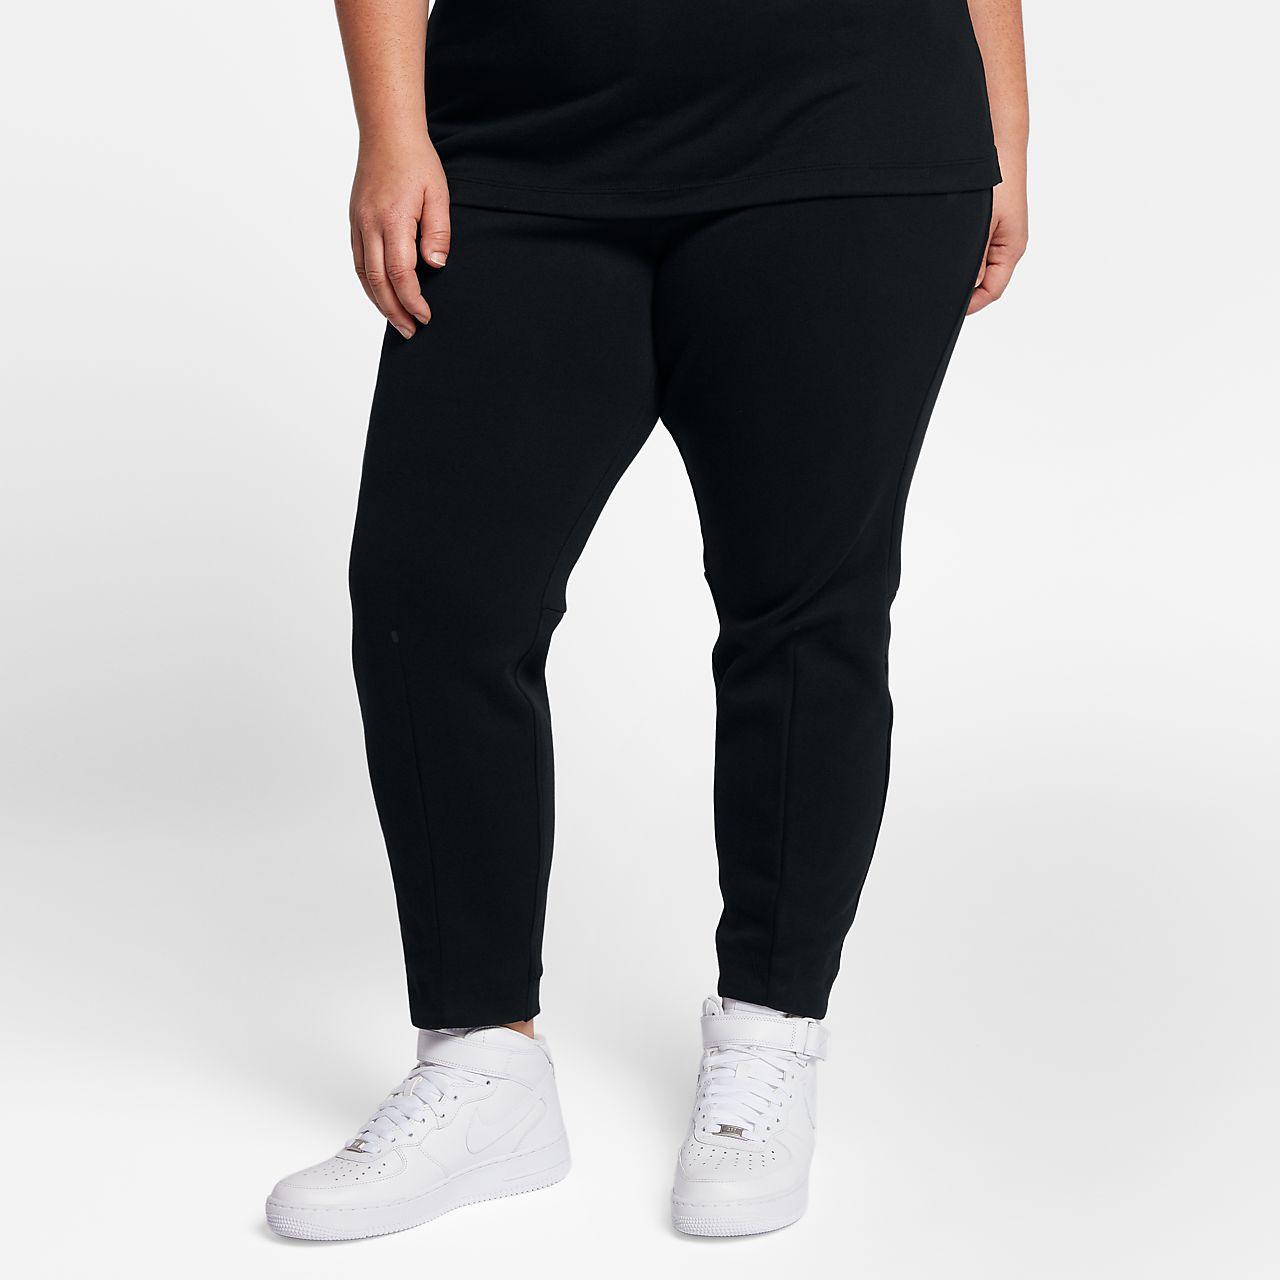 Γυναικείο παντελόνι Nike Sportswear Tech Fleece (μεγάλα μεγέθη)